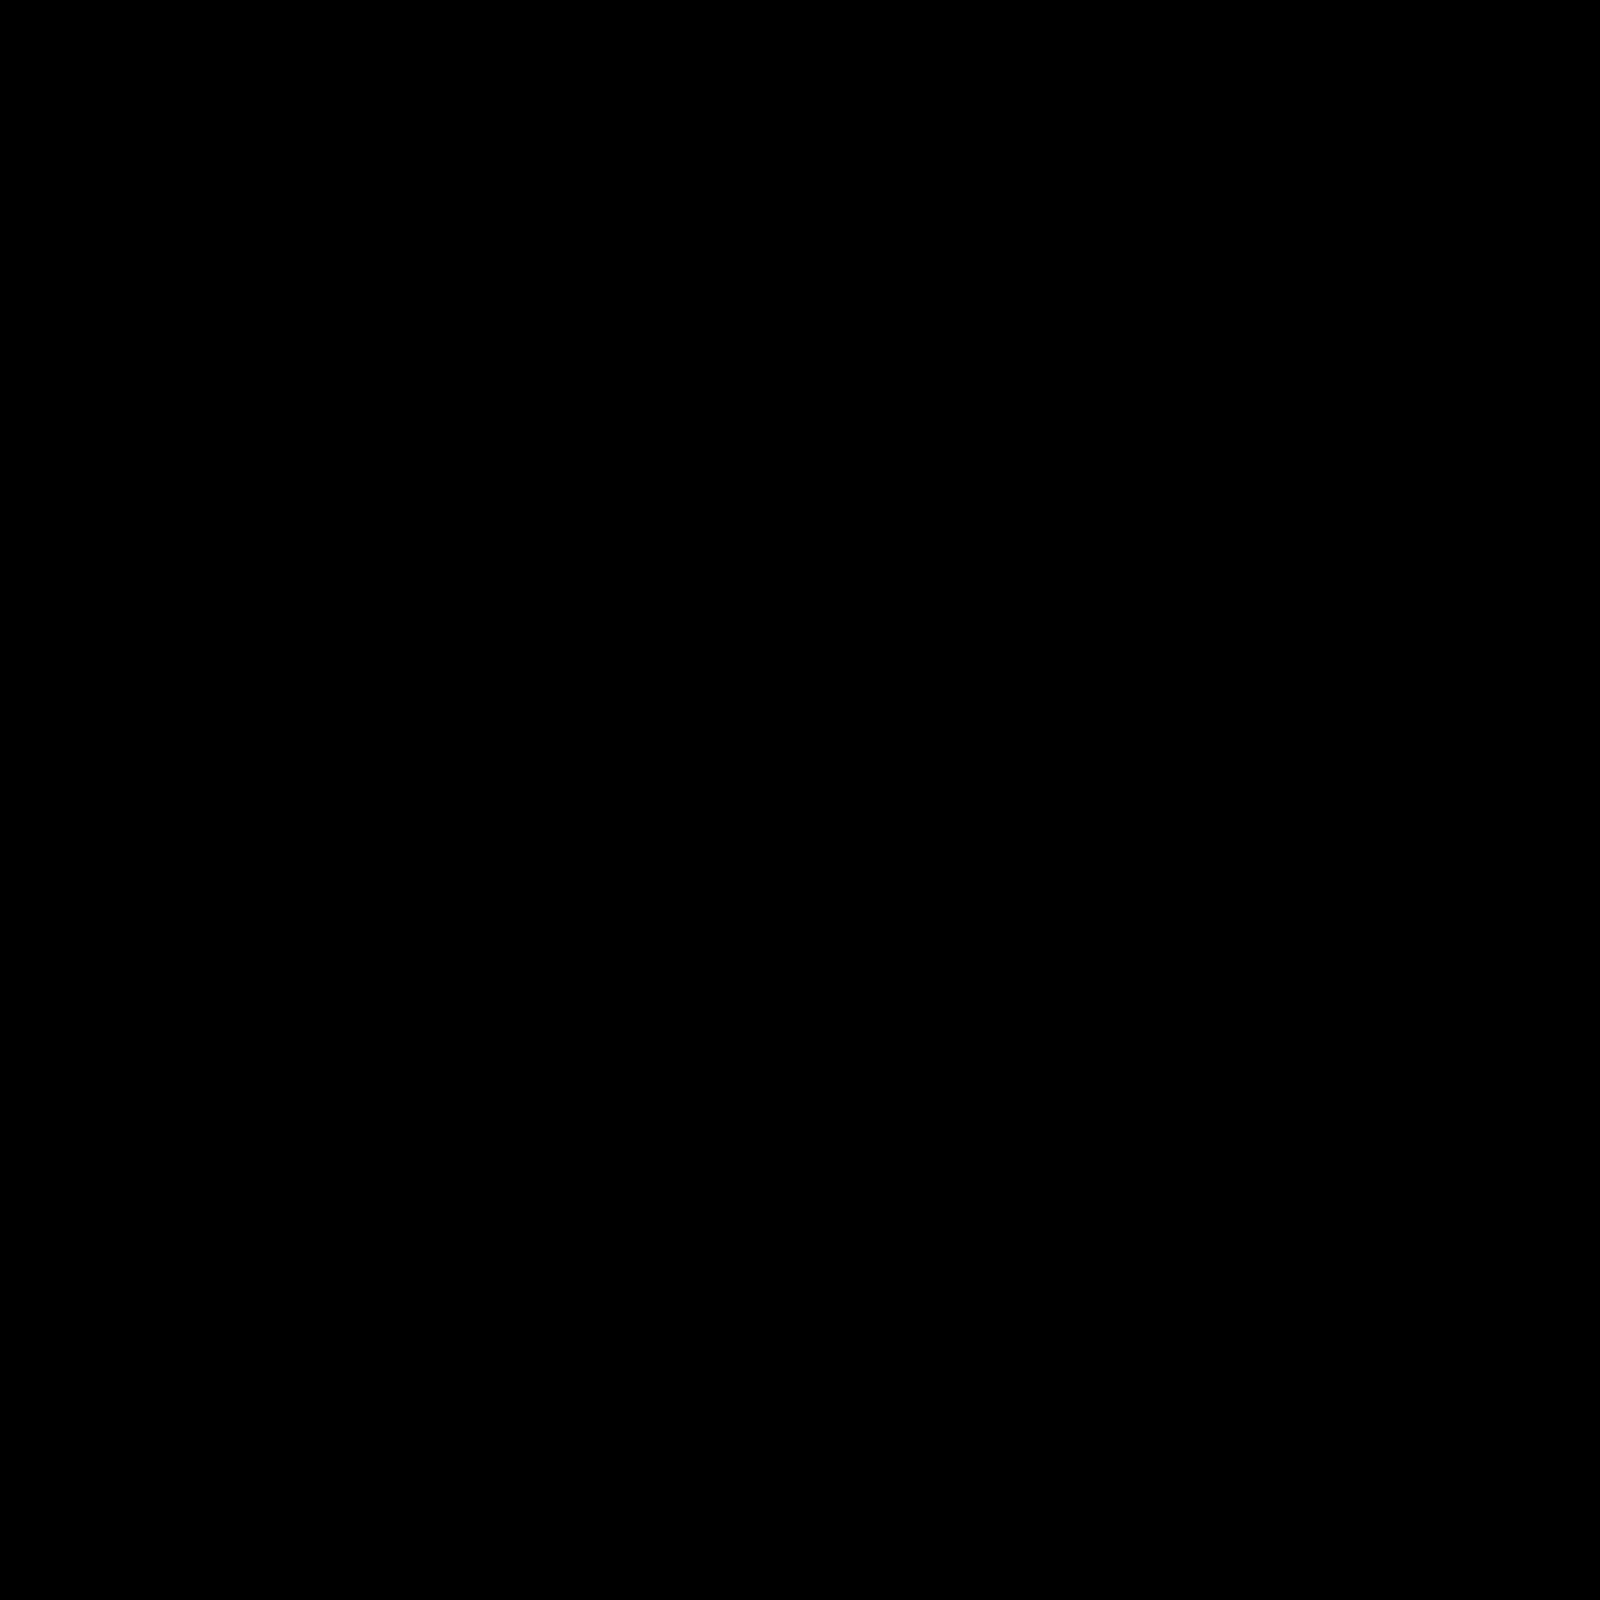 """数学 icon. This """"math"""" icon consists of a perfect square divided in quarters perfectly, vertically and horizontally. In the upper left quarter is the perfect cross of the """"addition sign."""" In the upper right quarter is the horizontal line of the """"subtraction sign."""" In the lower left quarter is the two diagonal lines of the """"multiplication sign."""" In the lower right quarter are the two vertical lines of the """"equal sign."""""""